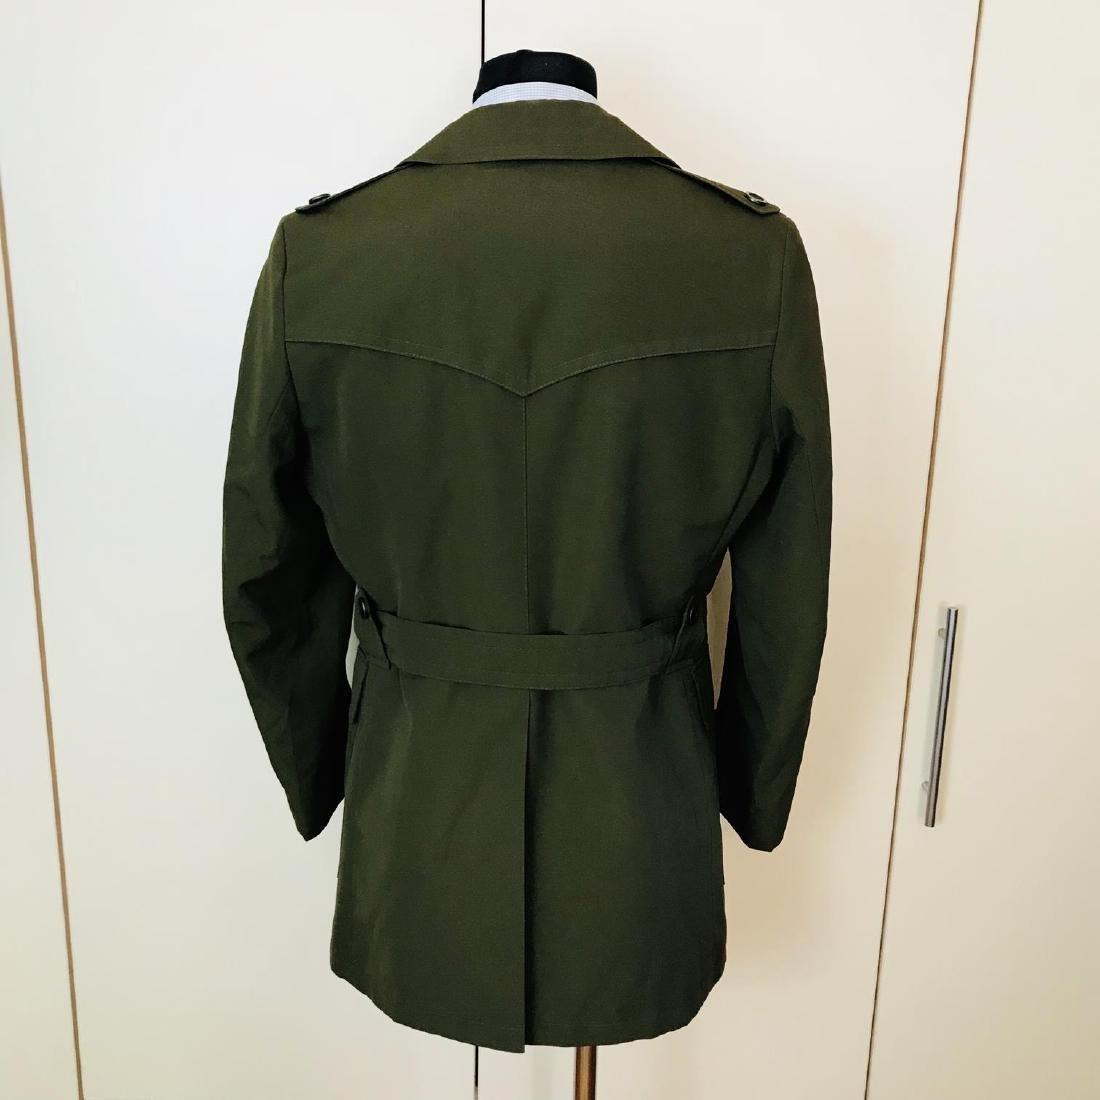 Vintage Men's Green Trench Coat Size US 38 / EUR 48 - 3